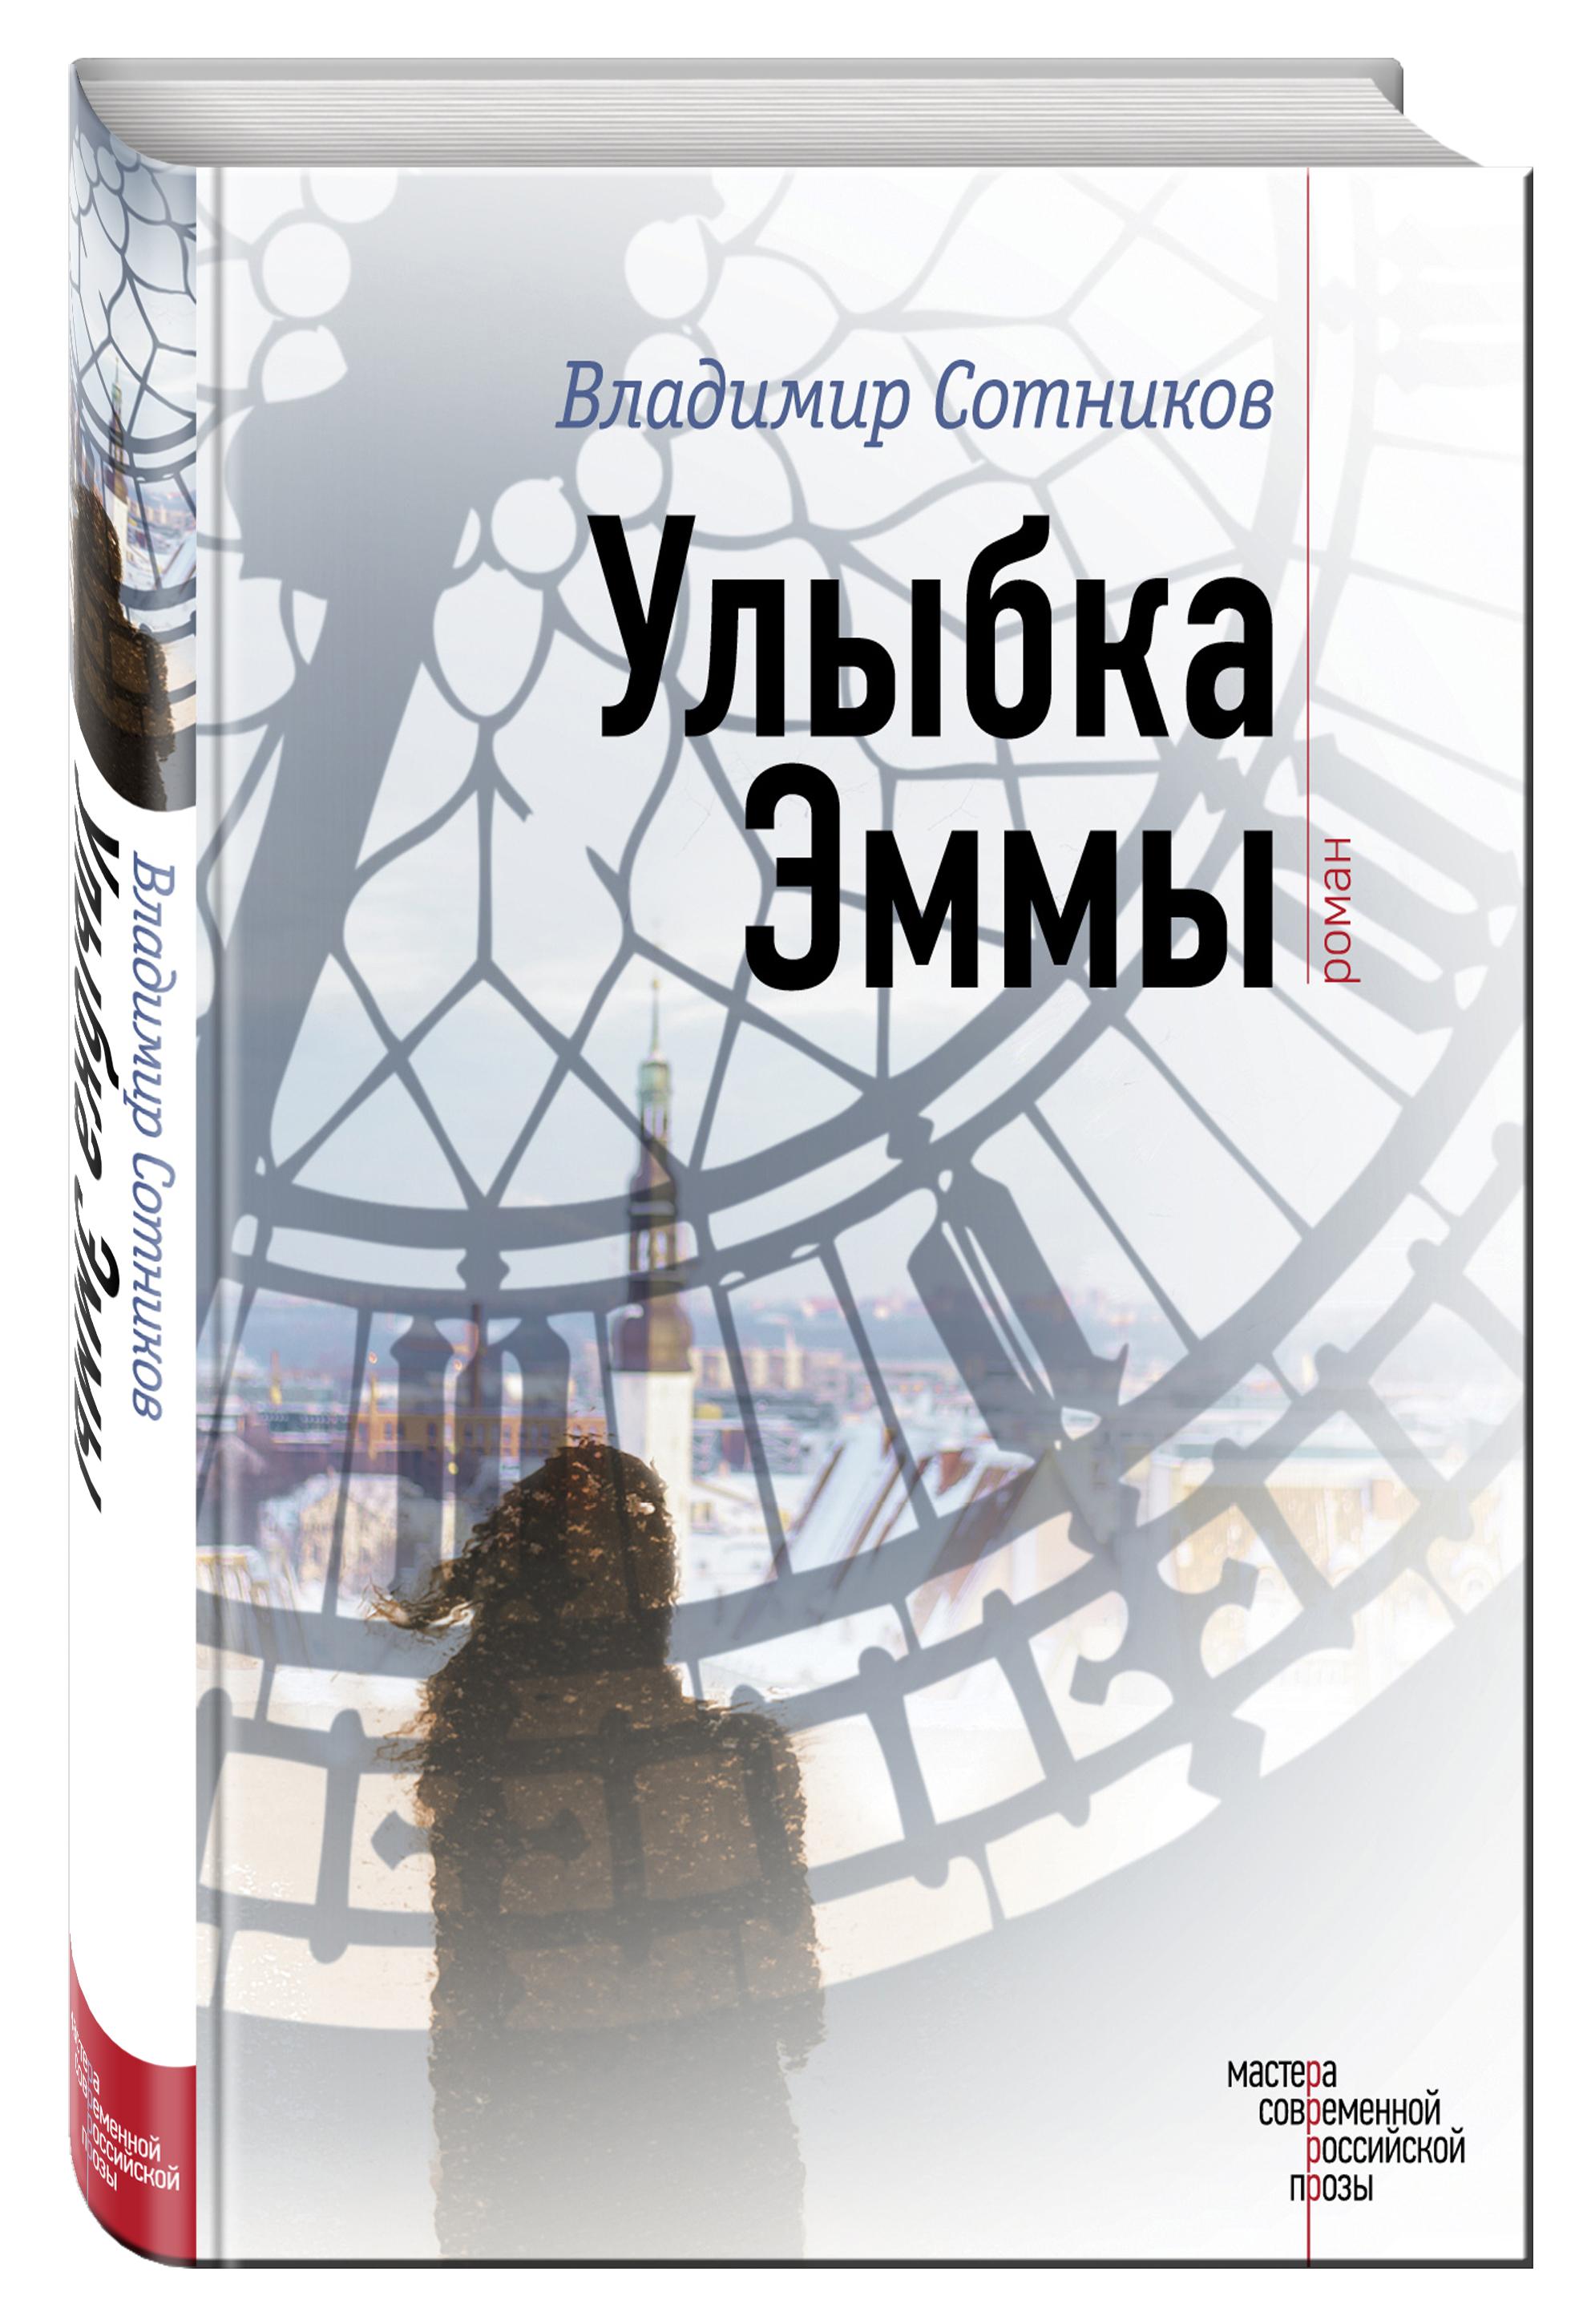 Сотников В.М. Улыбка Эммы днепр 11 в магазине